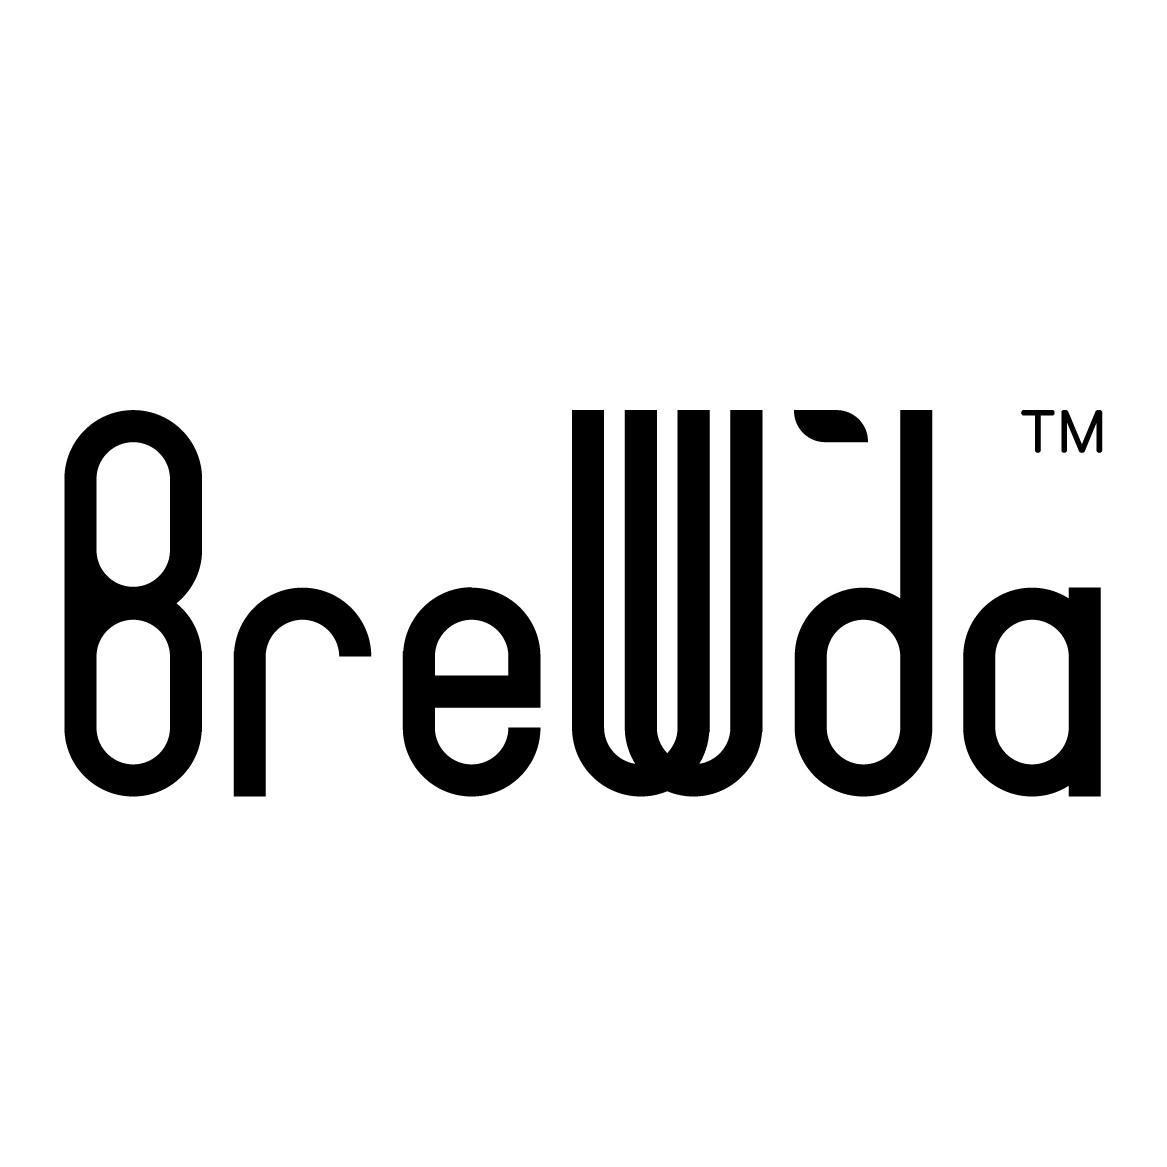 Brew-da-01